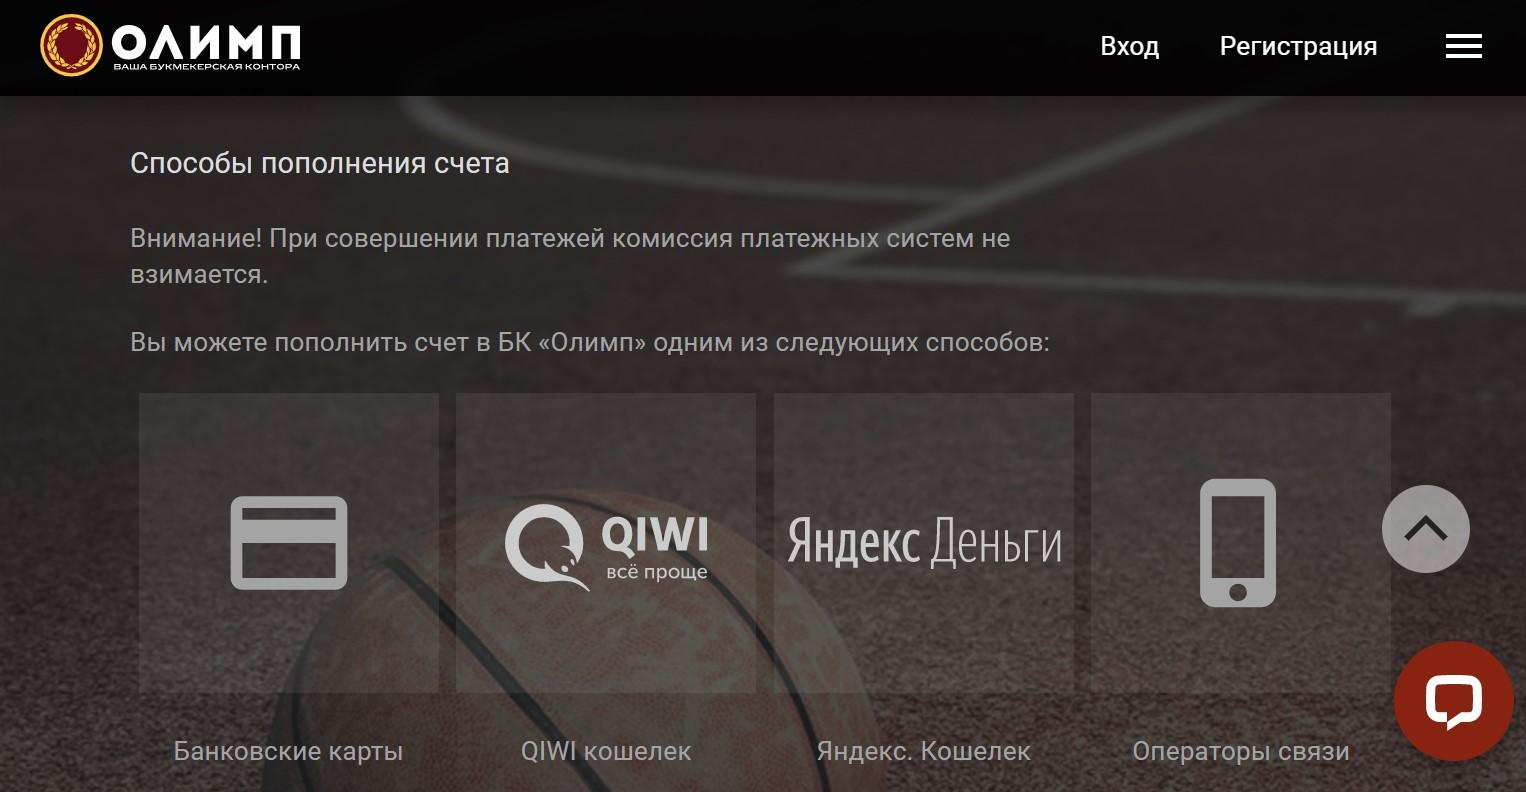 Олимп - обзор букмекерской конторы